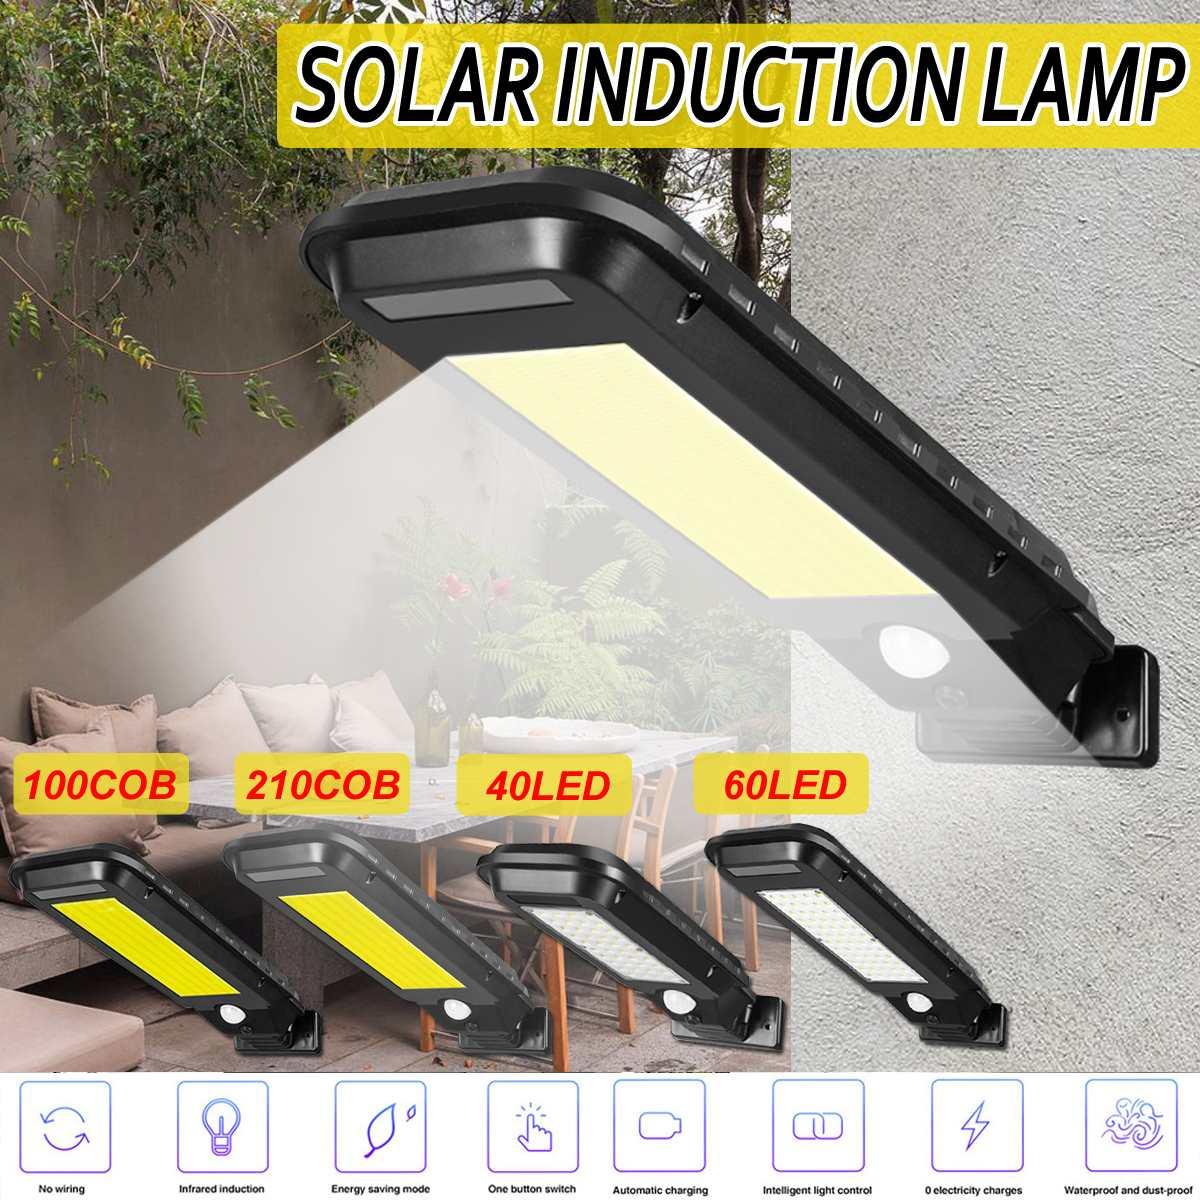 40/60 Led lampadaires solaires 100/210 COB éclairage extérieur lampe de sécurité capteur de mouvement étanche IP65 blanc/jaune applique murale